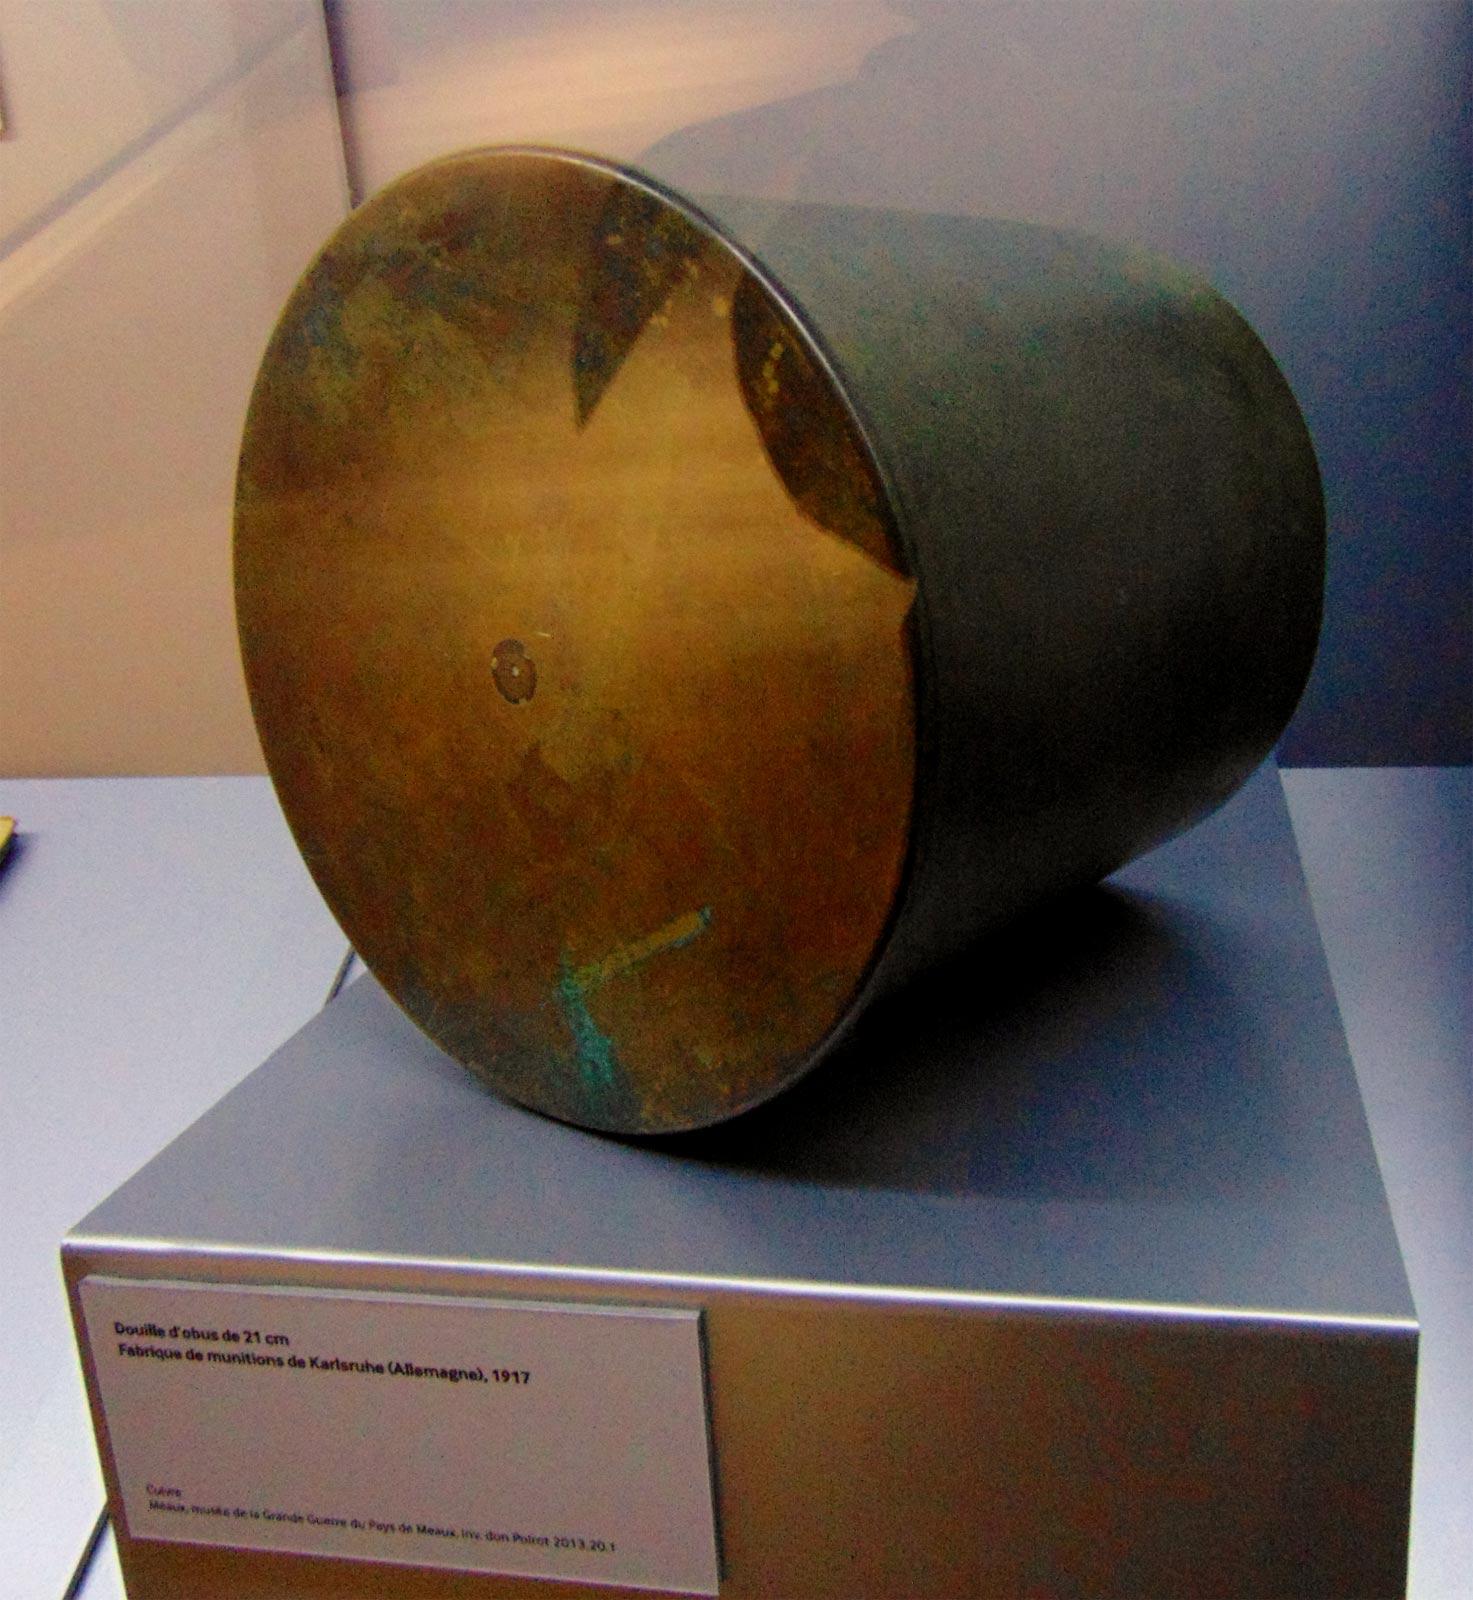 экскурсия по выставке Верден - первая мировая война в воздухе, музей ле Бурже